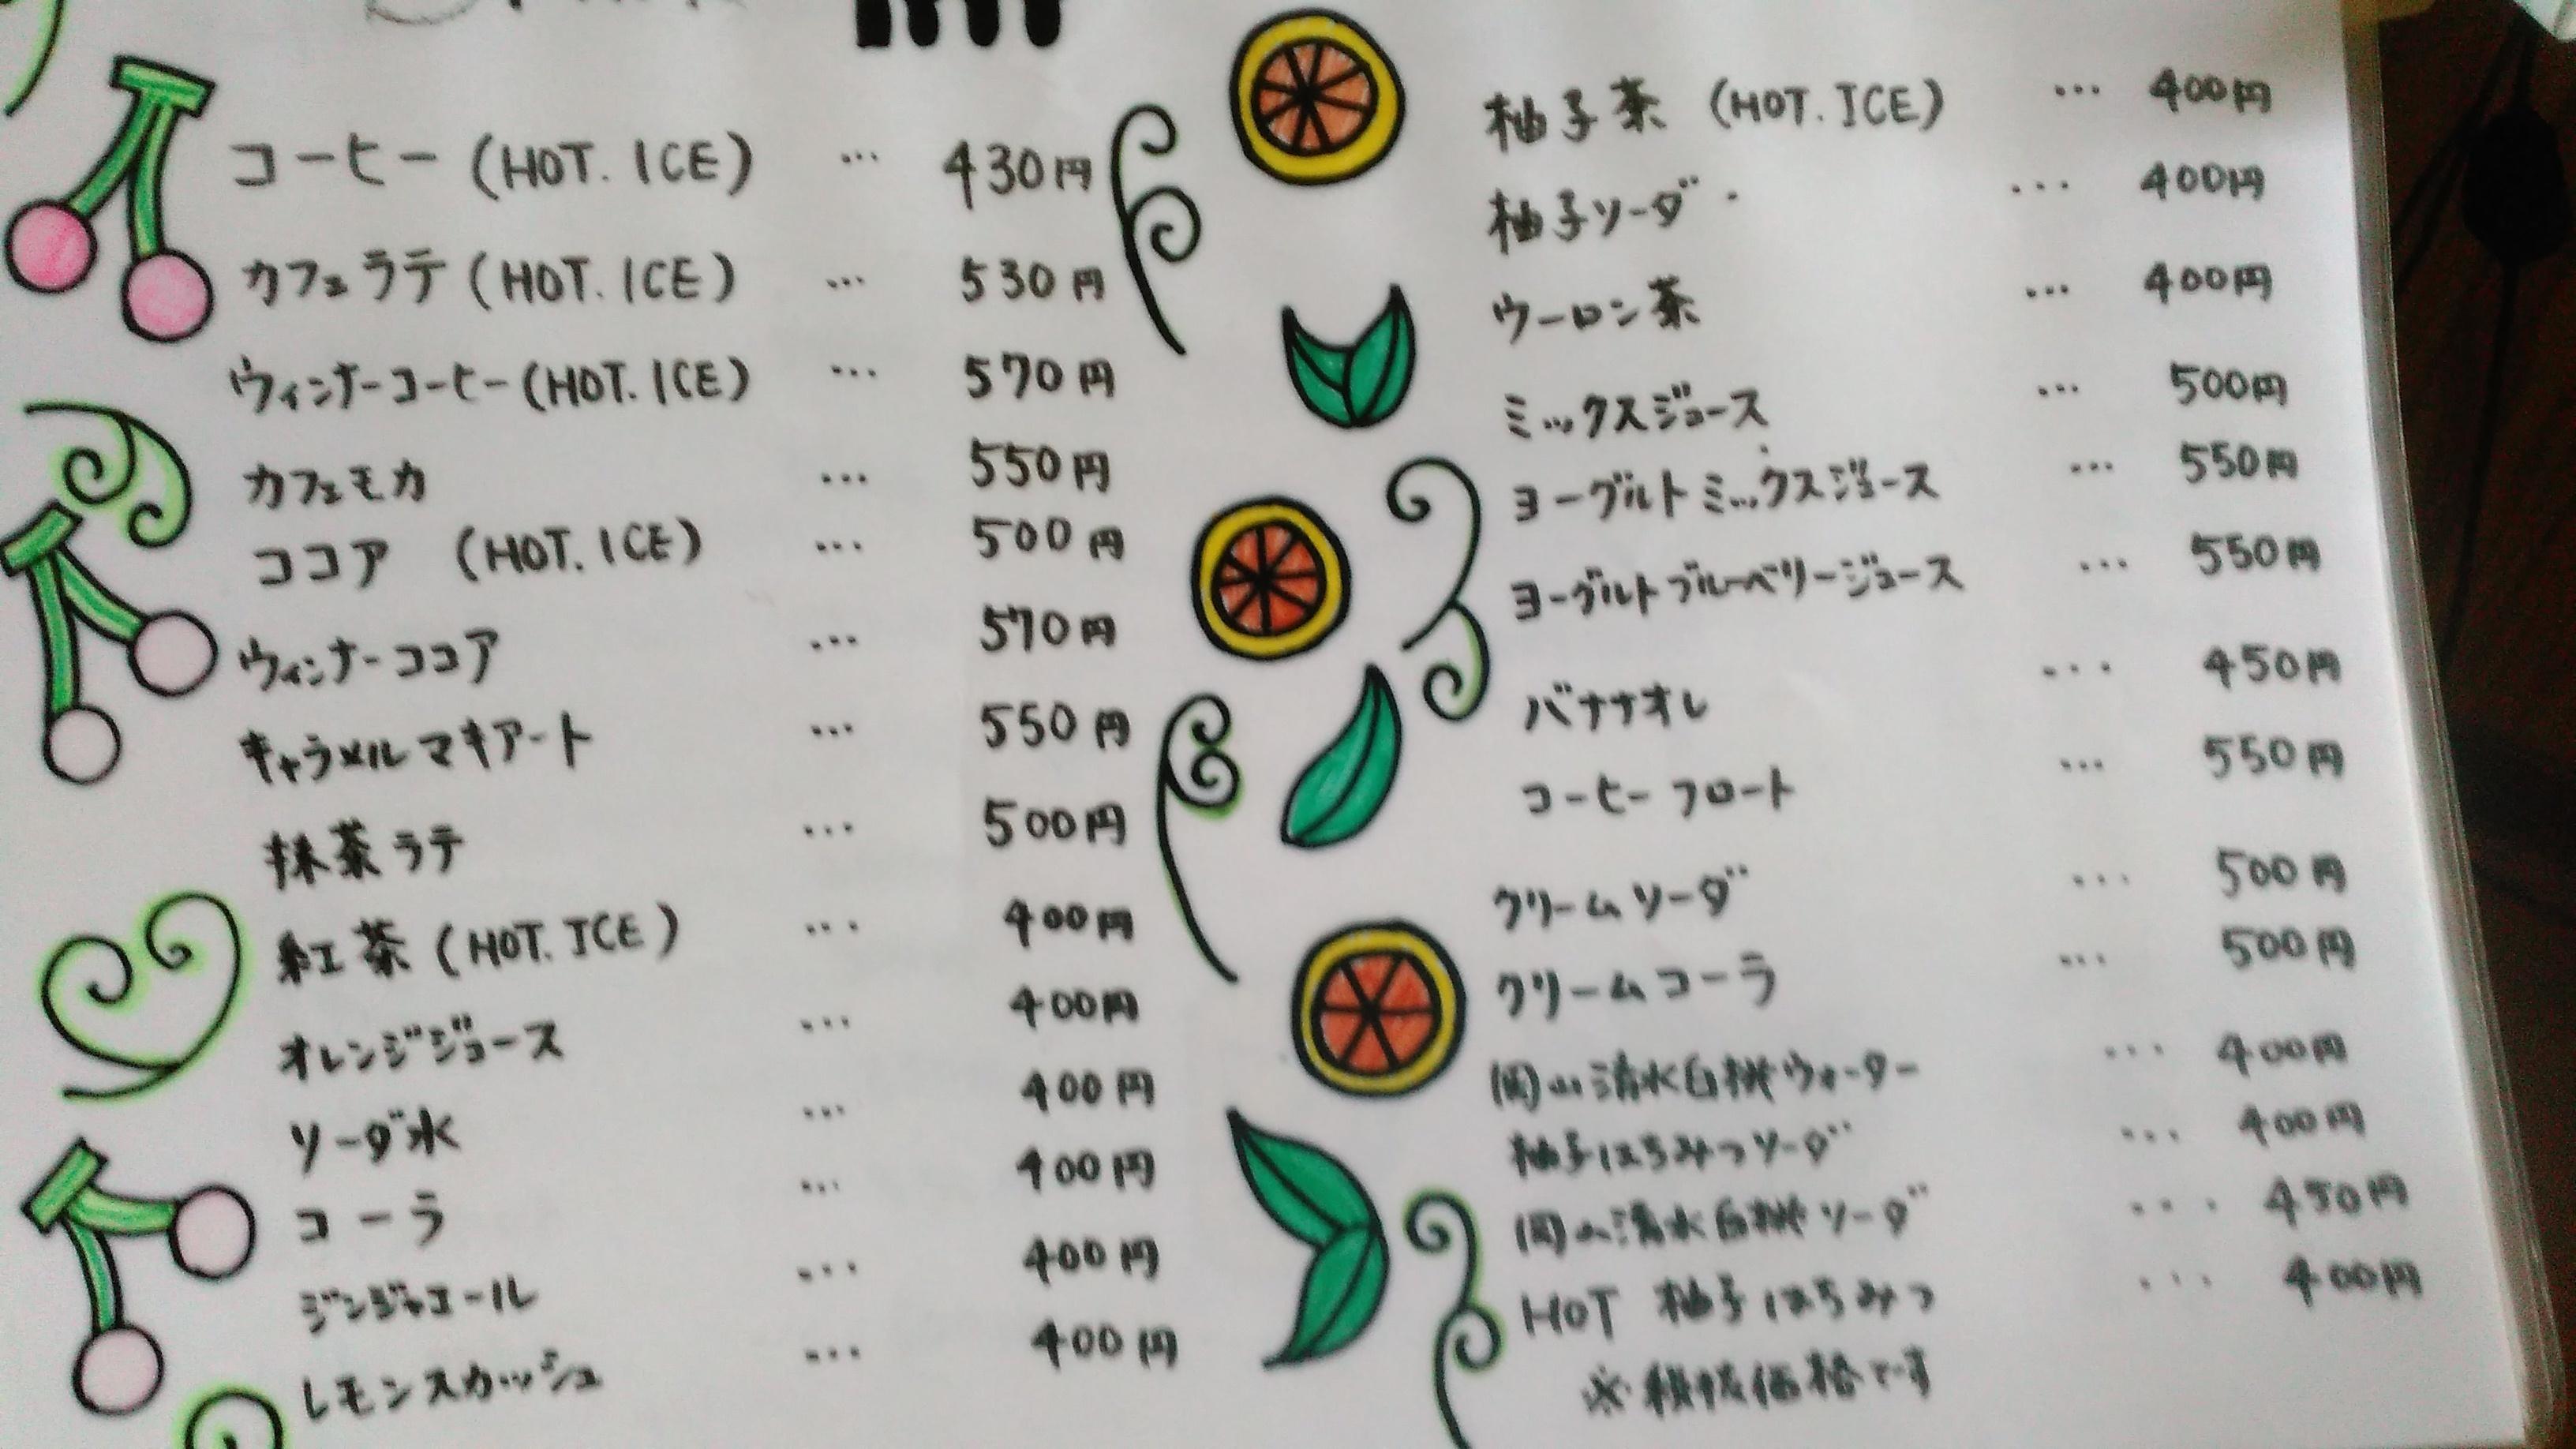 ドリンク各種(28種類)